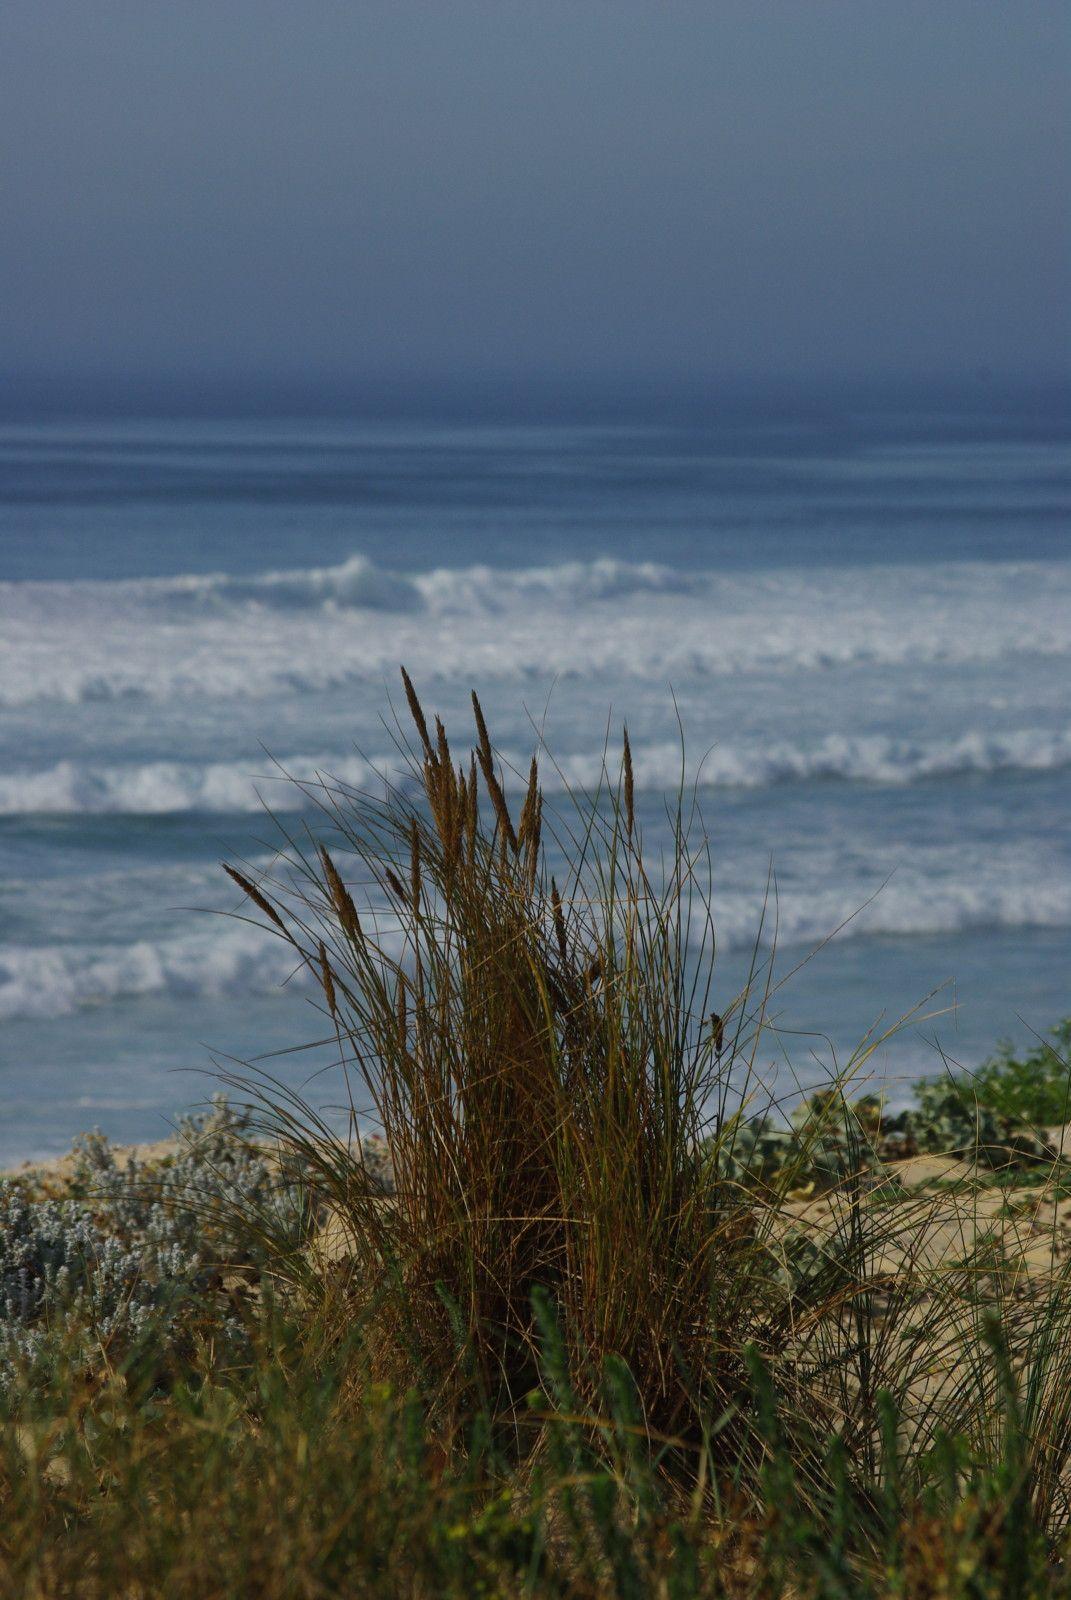 plage, dune, océan, sable, oya, Mimizan, les landes, aquitaine, France, paysage